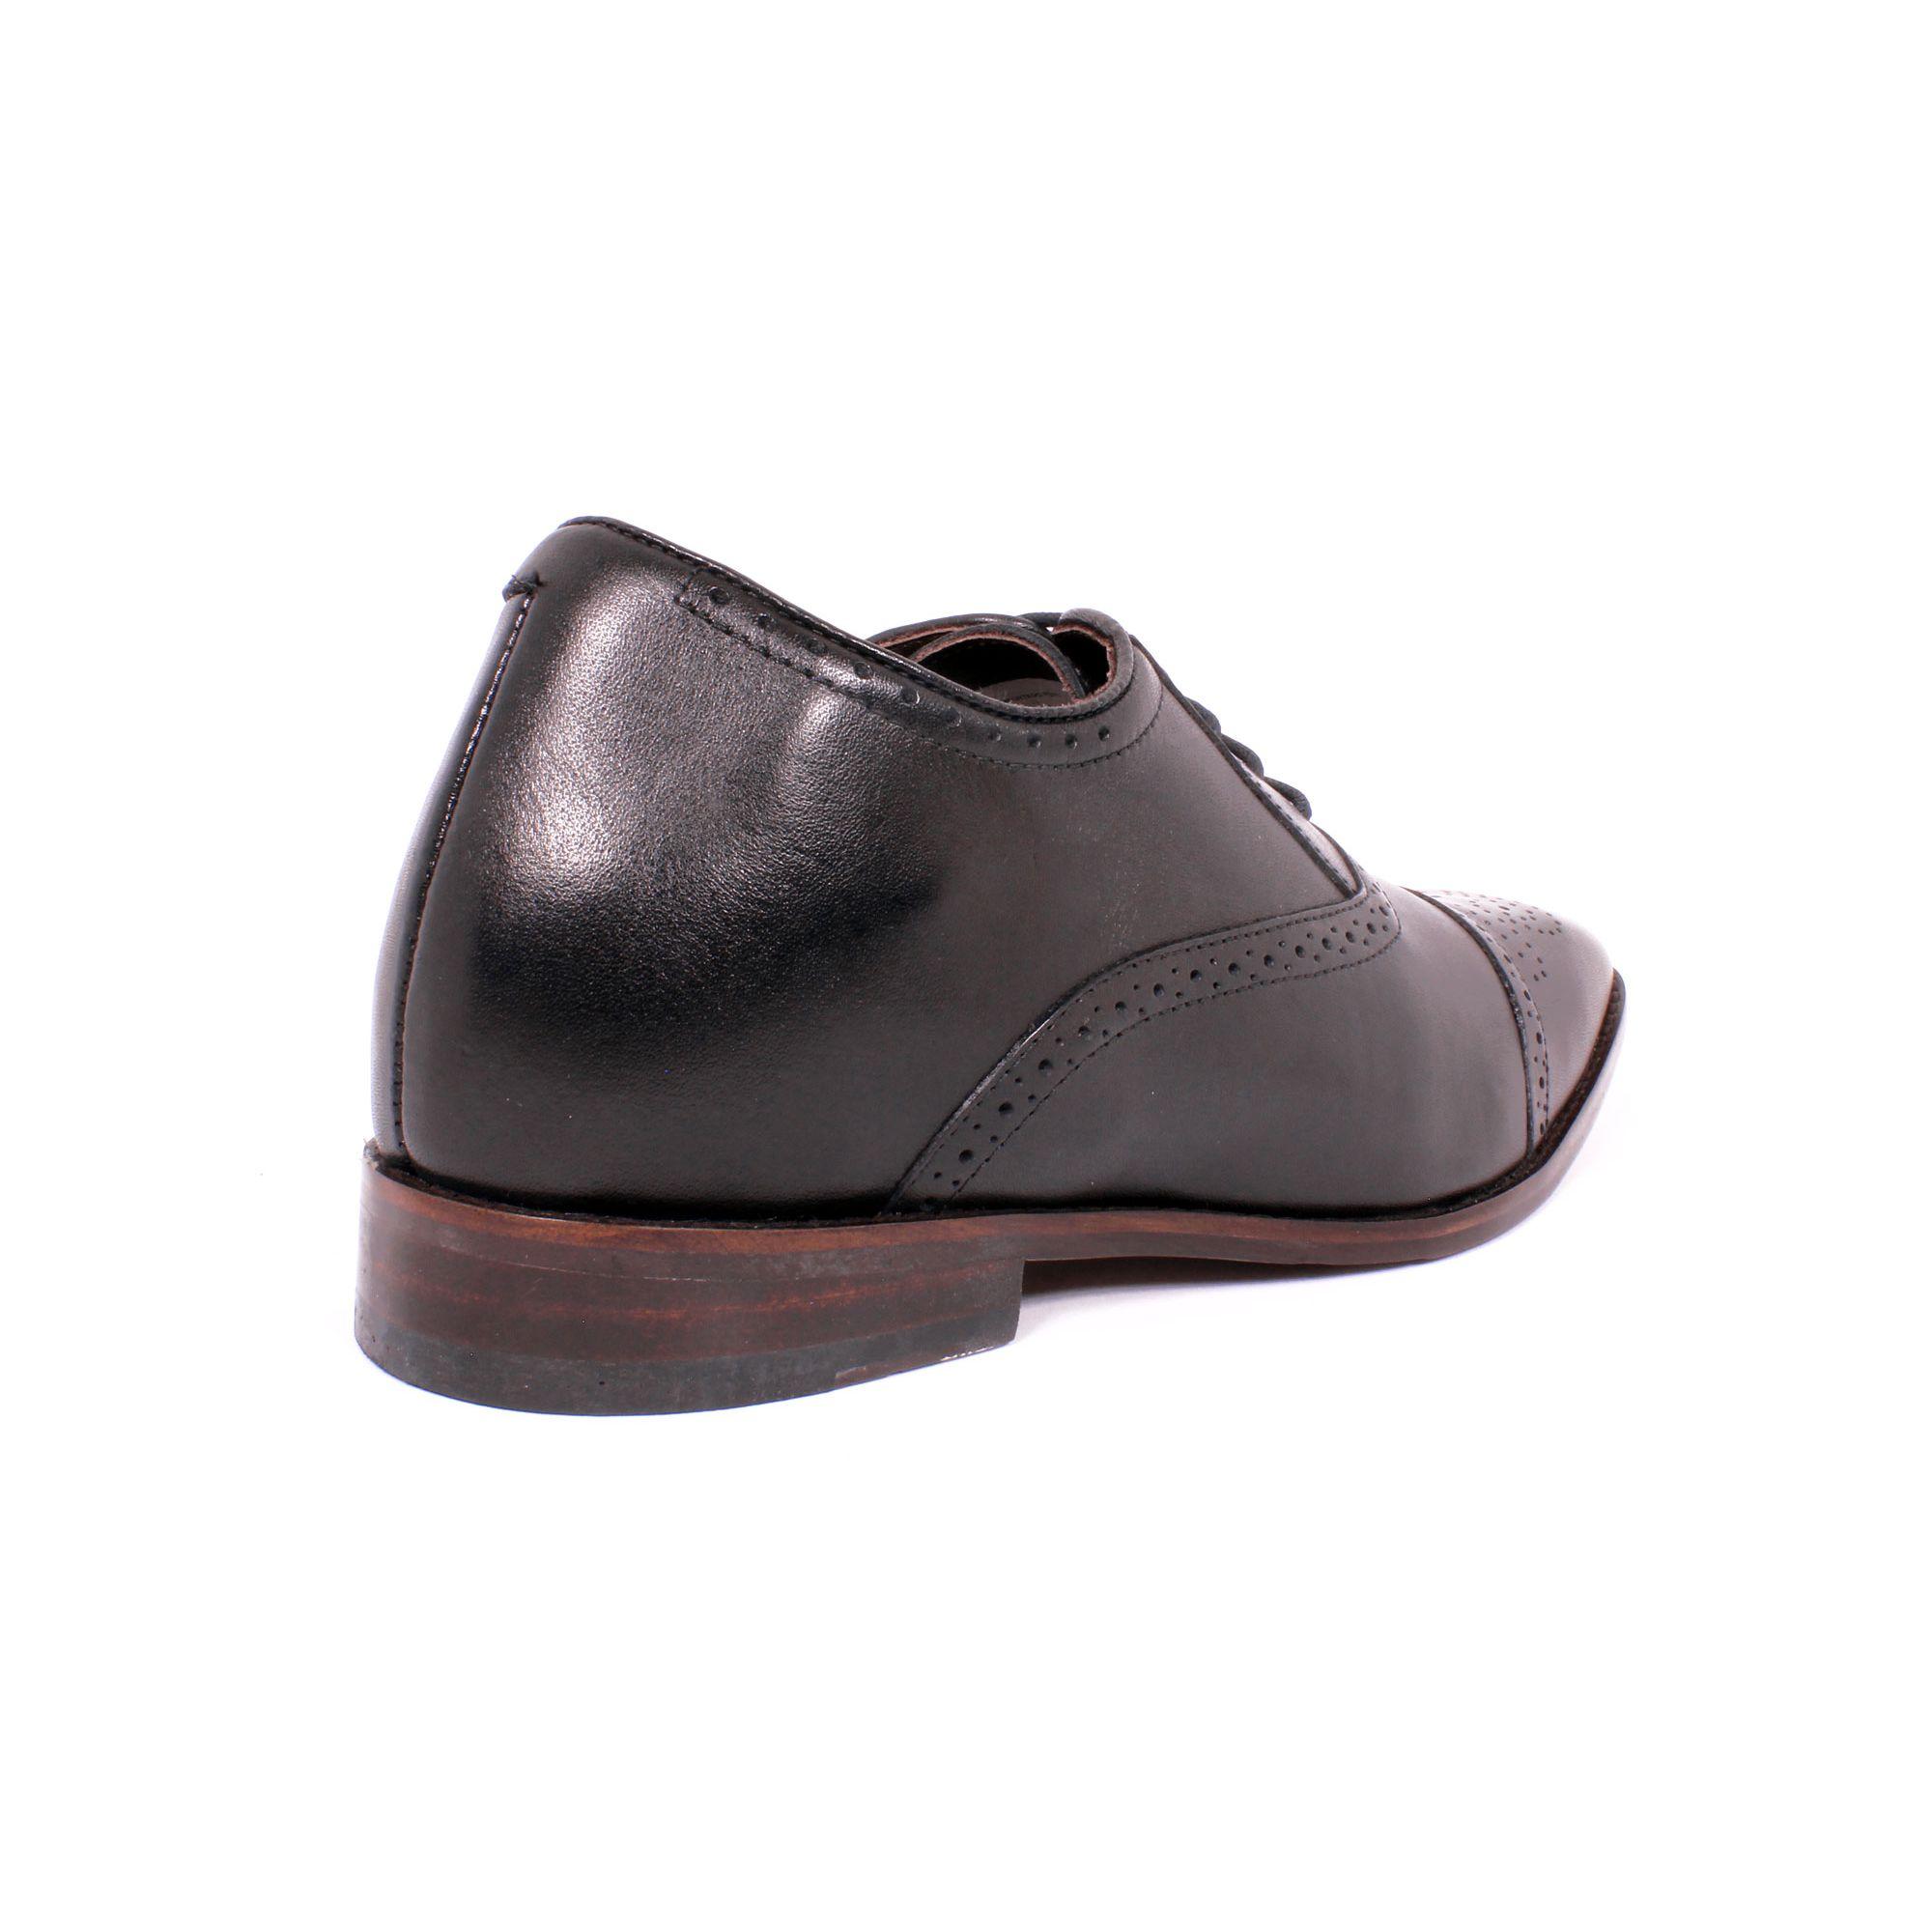 Zapato Formal British Negro Max Denegri +7cms de Altura_70781